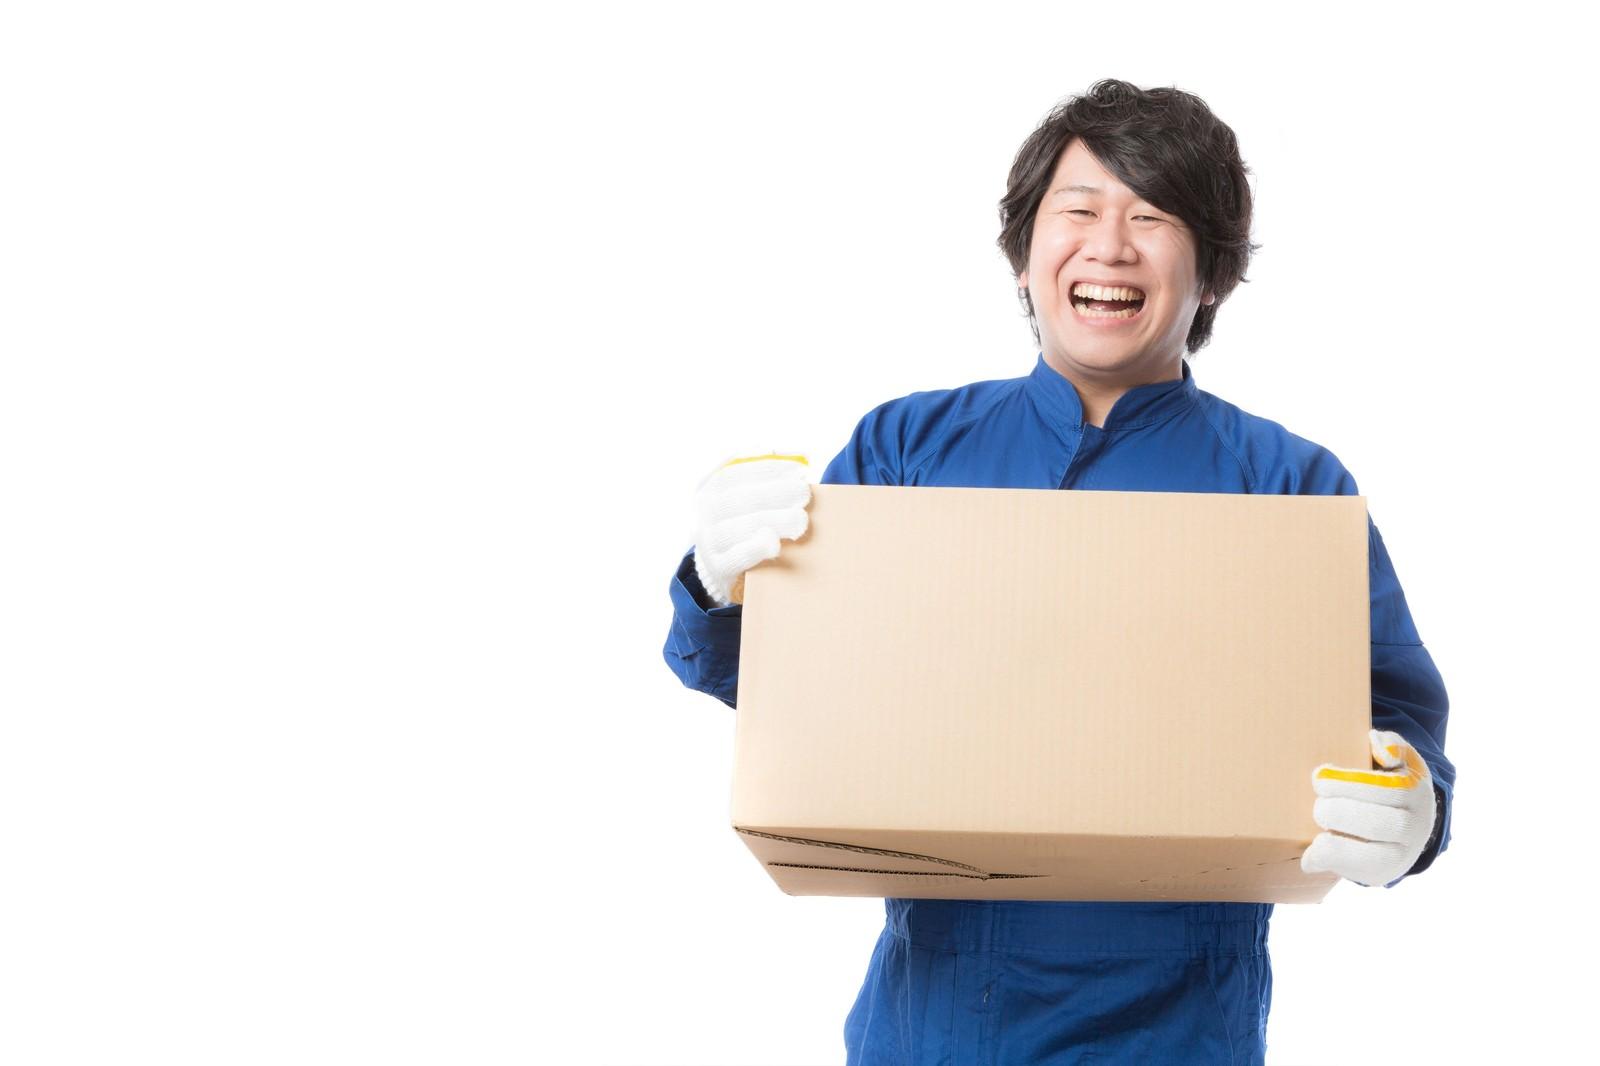 東京で働きたい人を応援する上京支援サービスって?